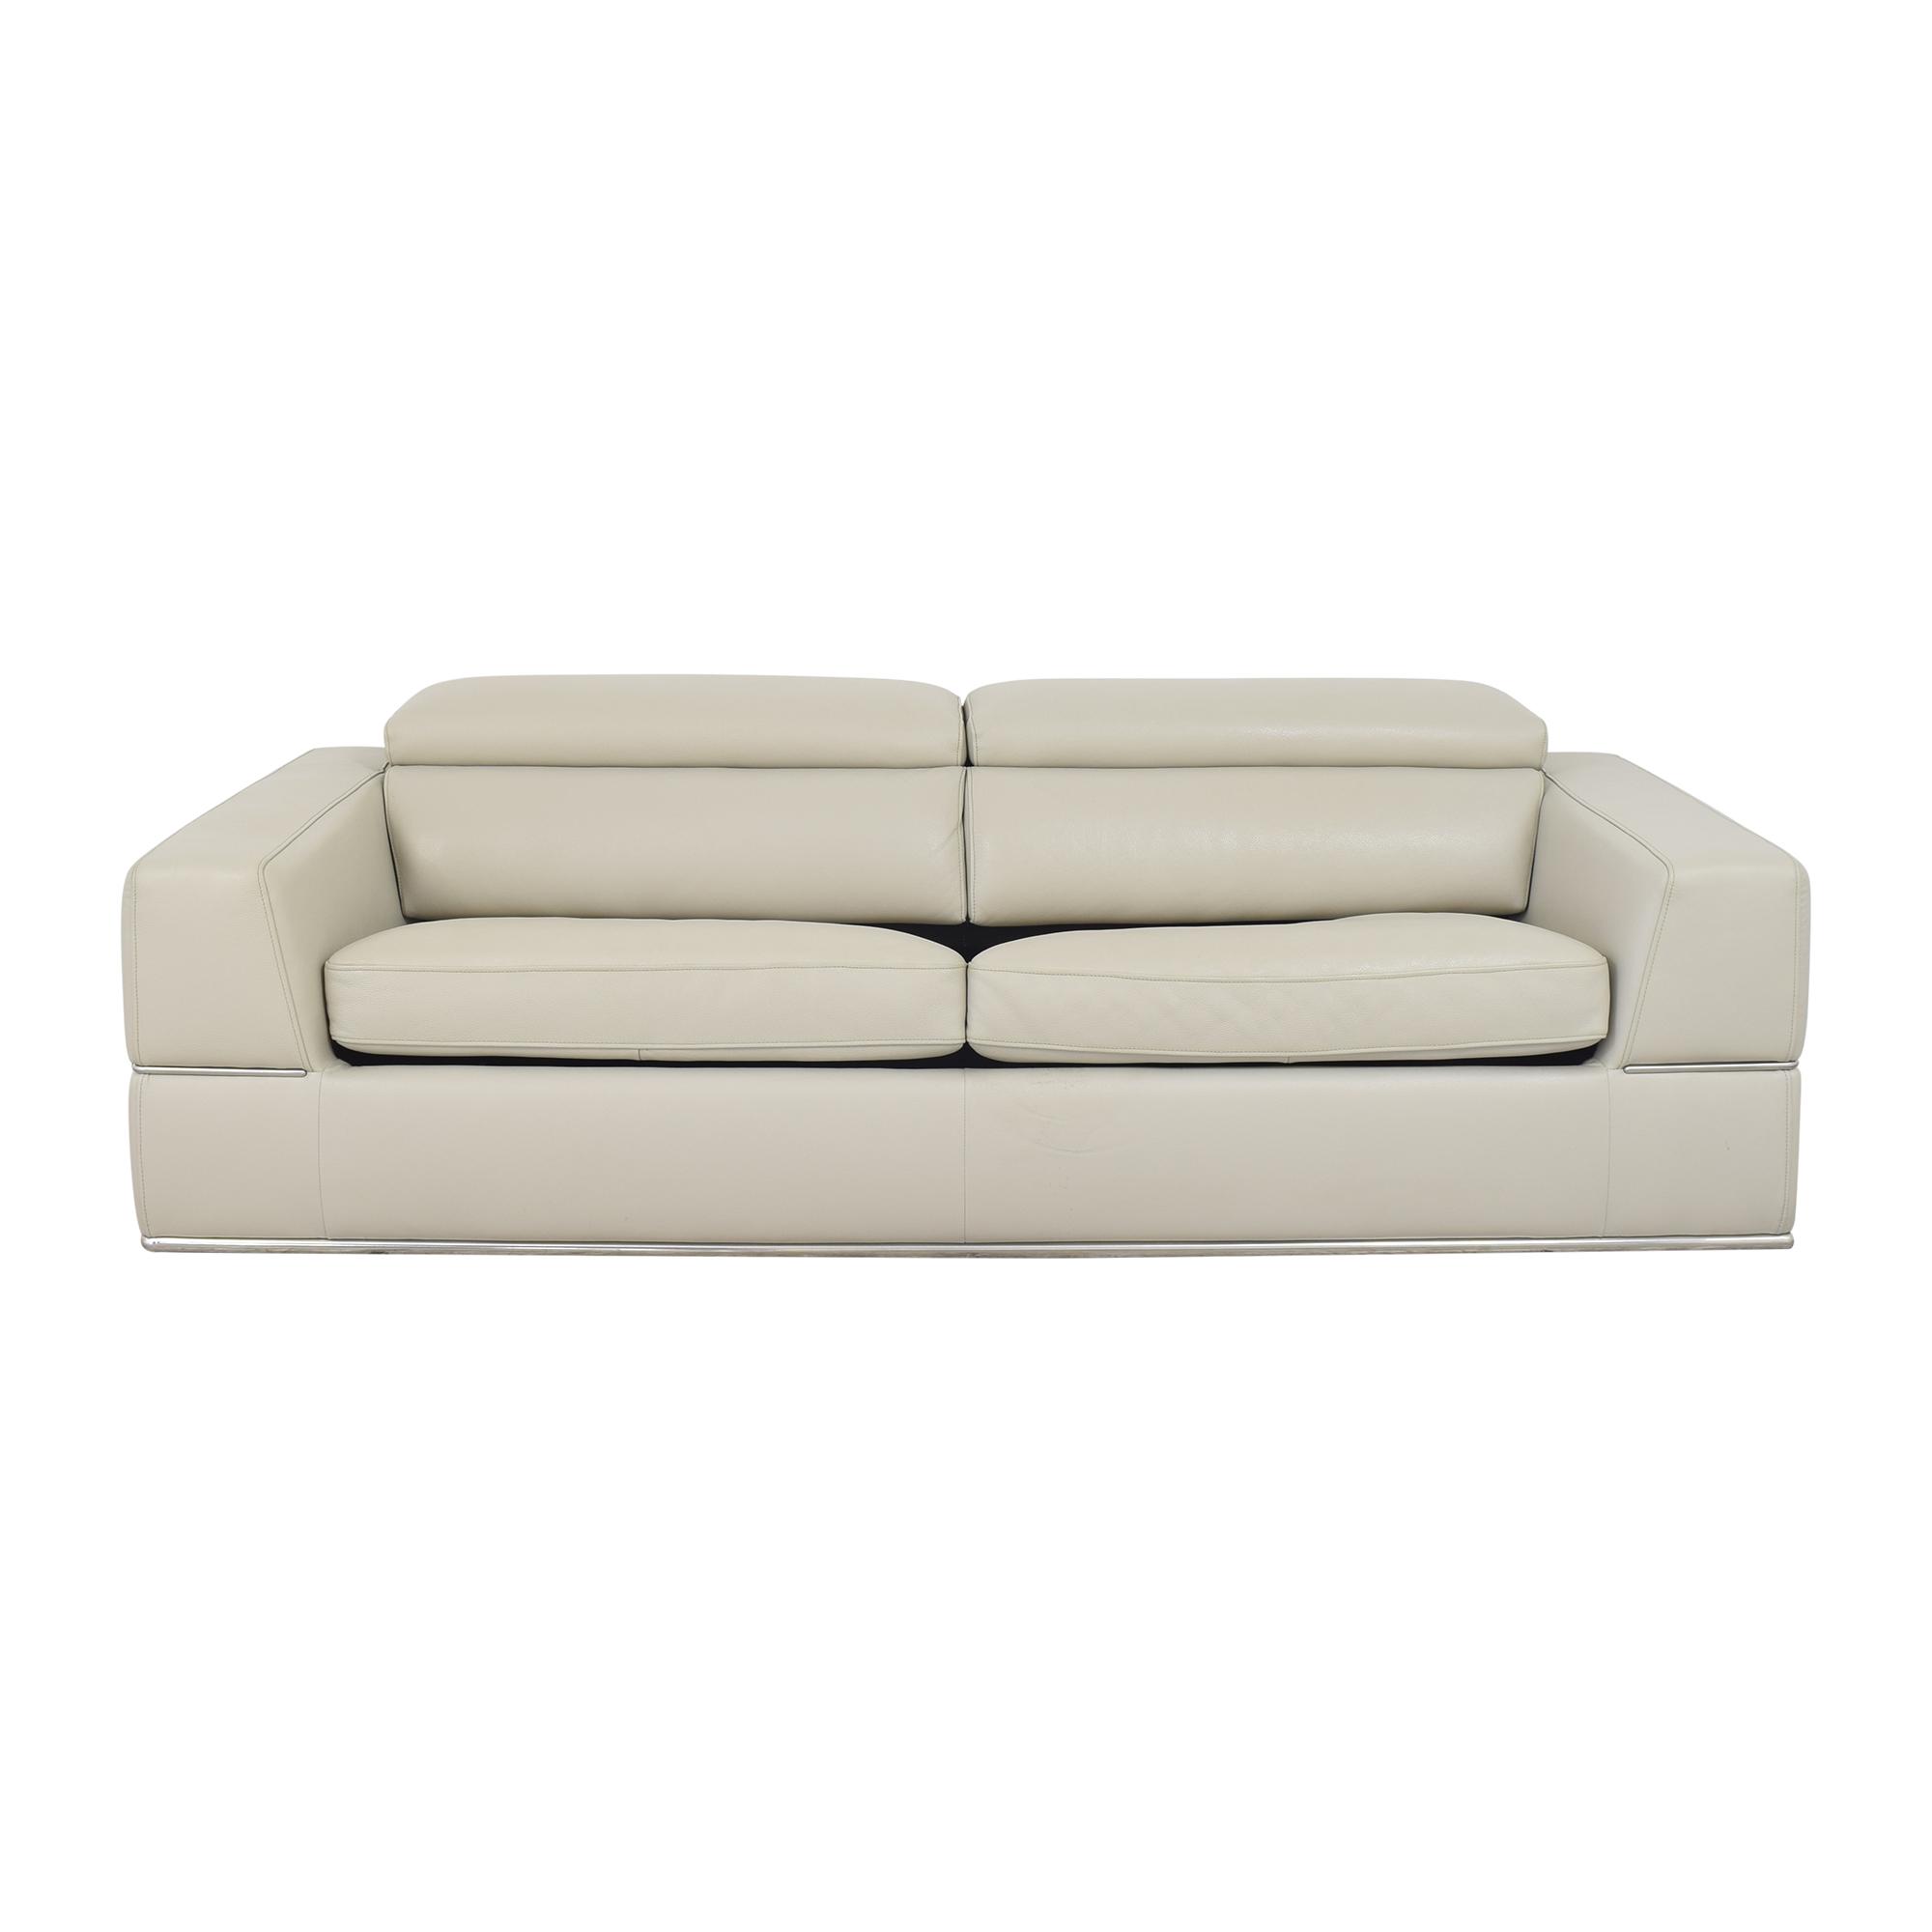 Modani Modani Bergamo Queen Sofa Bed ct